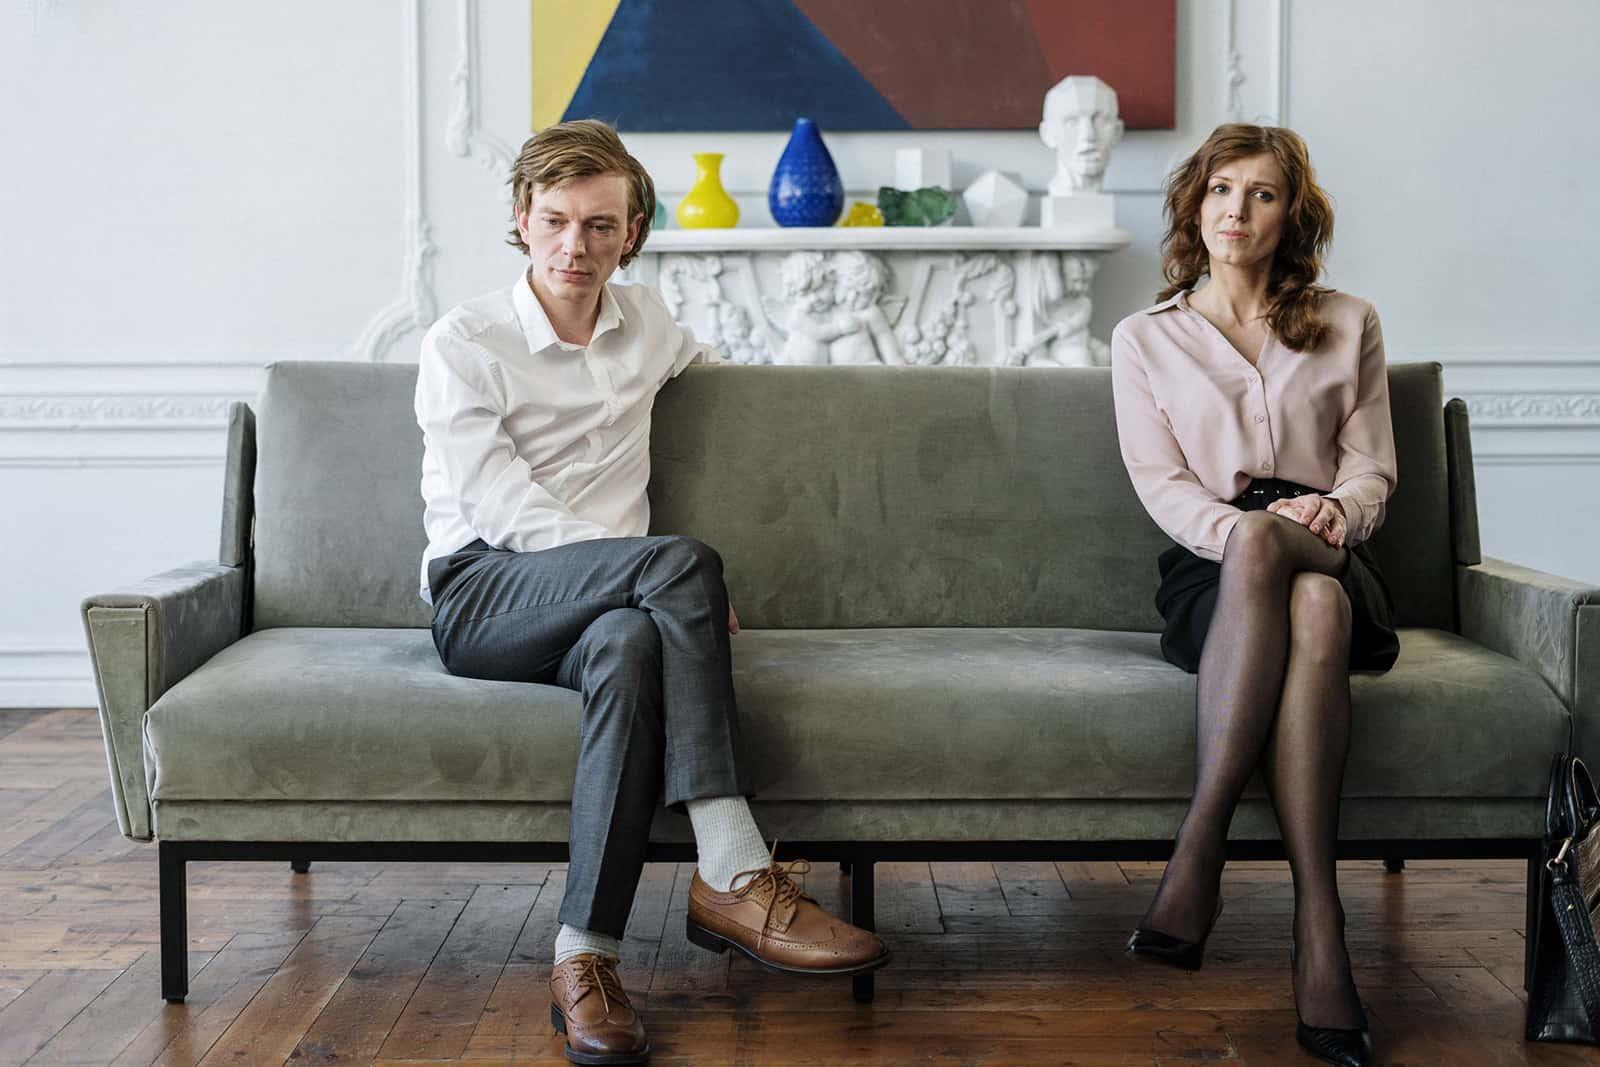 ein verärgertes Paar sitzt auf der Couch mit Platz zwischen ihnen